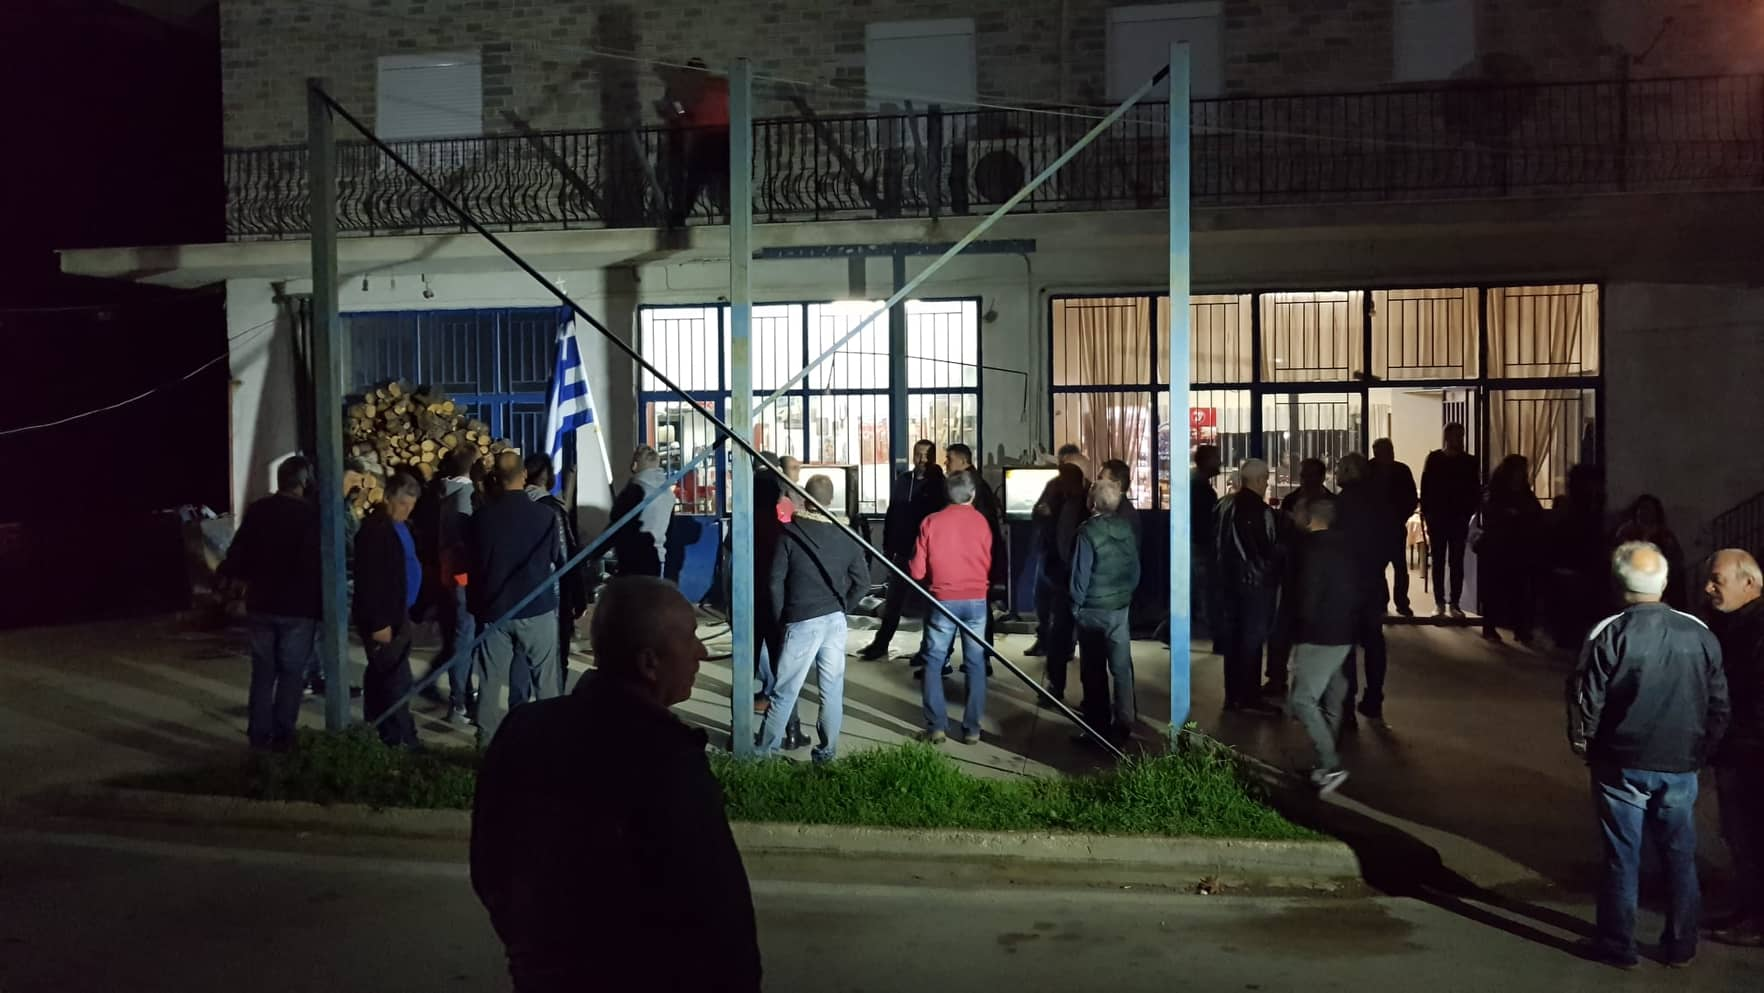 Οι κάτοικοι της Καρίτσας έκλεισαν τον δρόμο για να μην μπει το πούλμαν με τα προσφυγόπουλα (φωτο)